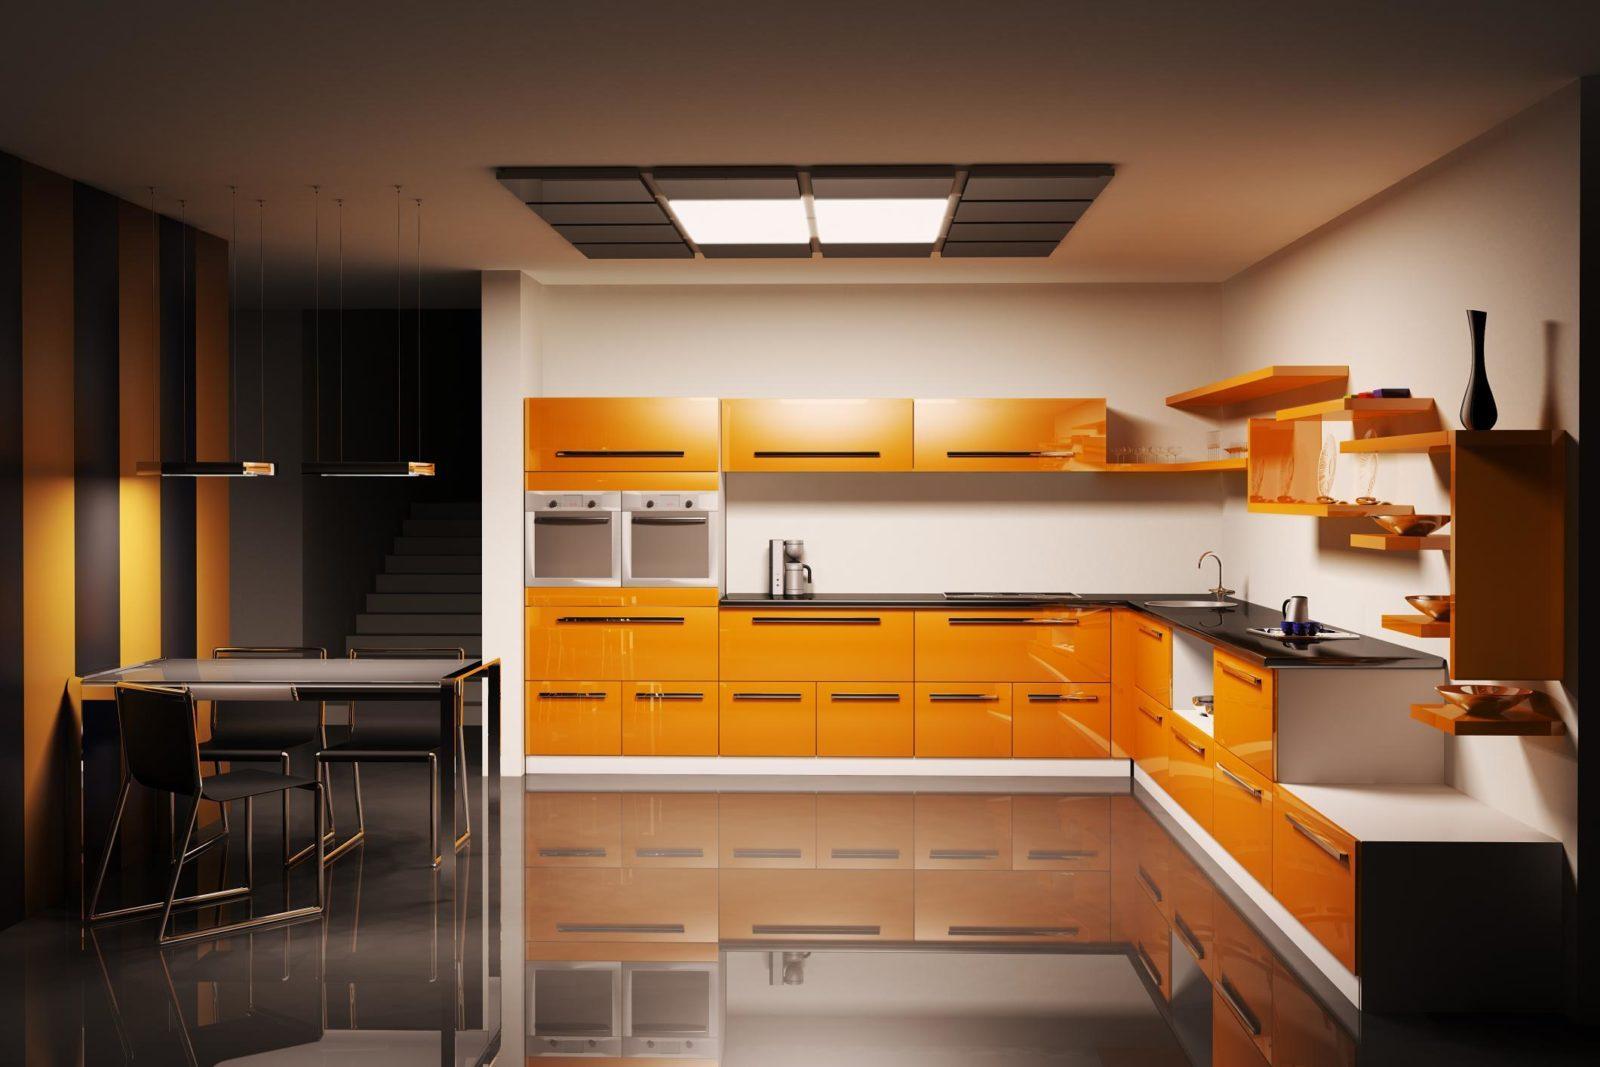 кухня под заказ по индивидуальному дизайну в минске